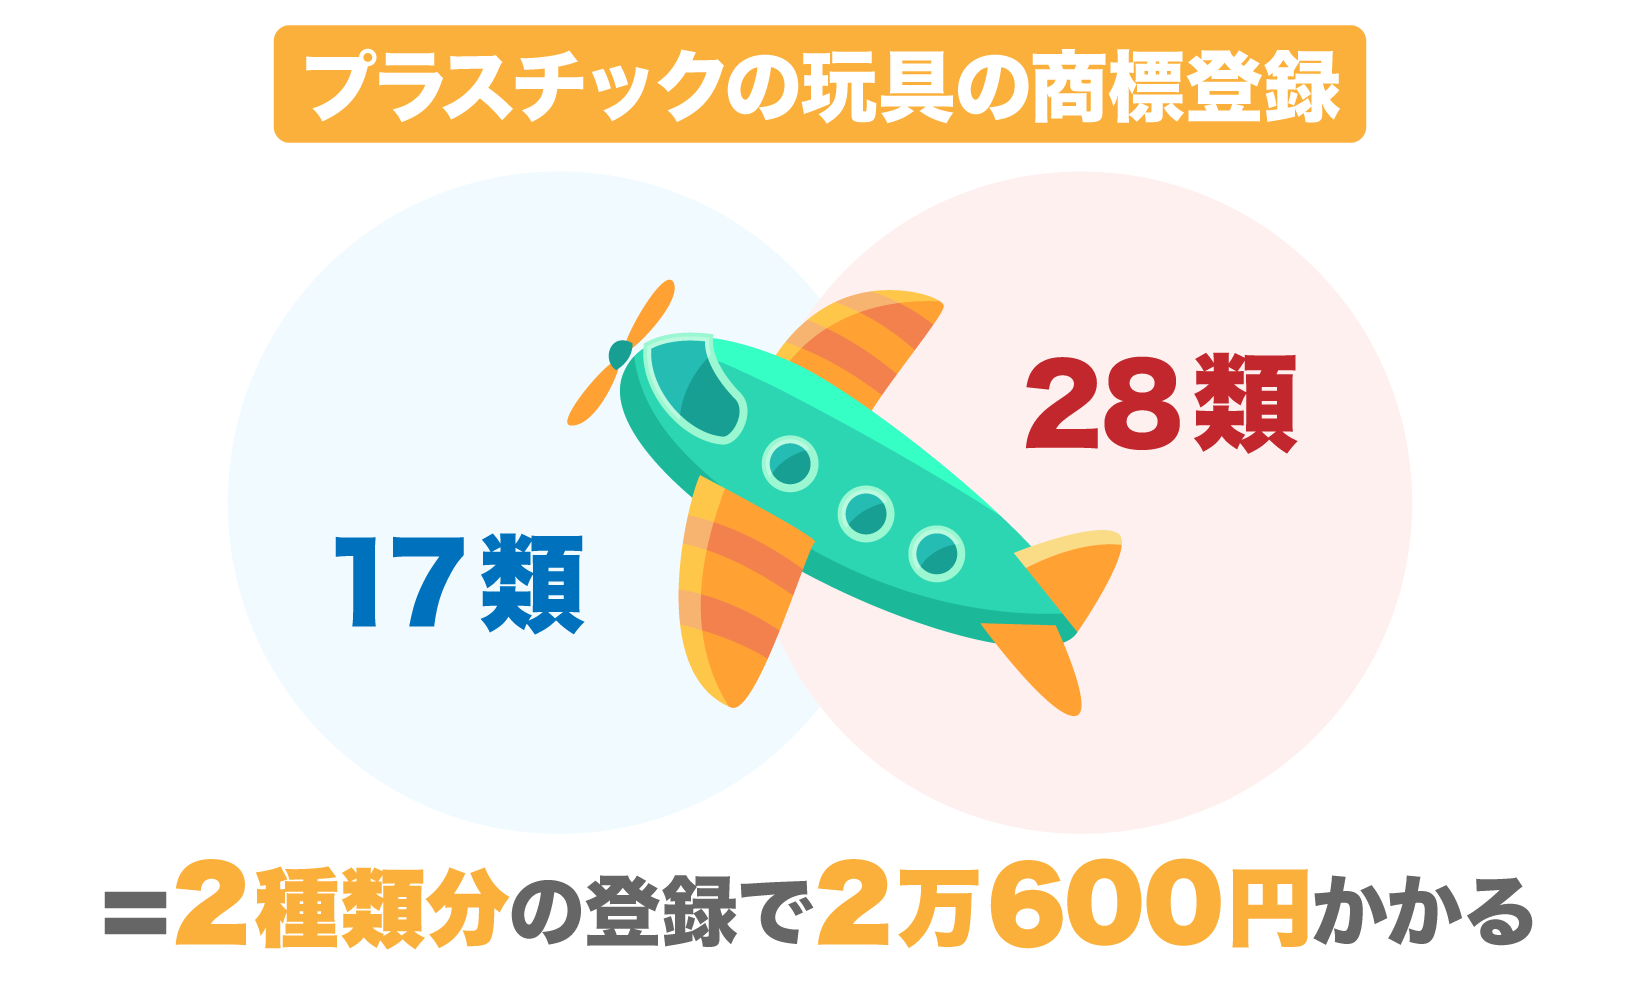 プラスチックの玩具で商標登録をする場合、17類と28類の区分で商標を登録するので、2種類分の2万600円かかる